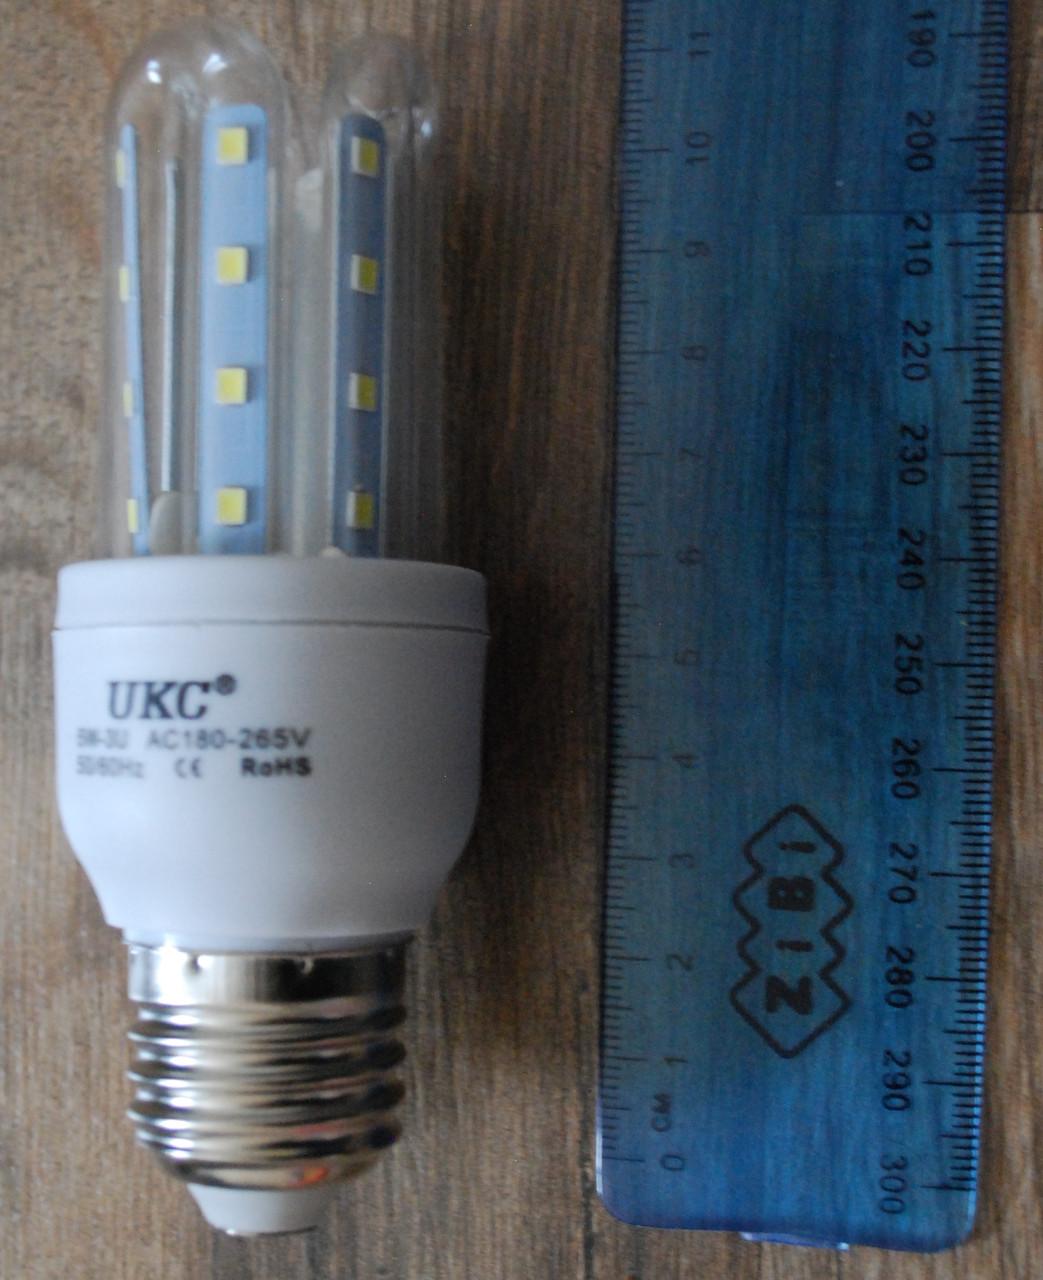 Светодиодная LED лампочка UKC 5W E27 3U 5шт, А296